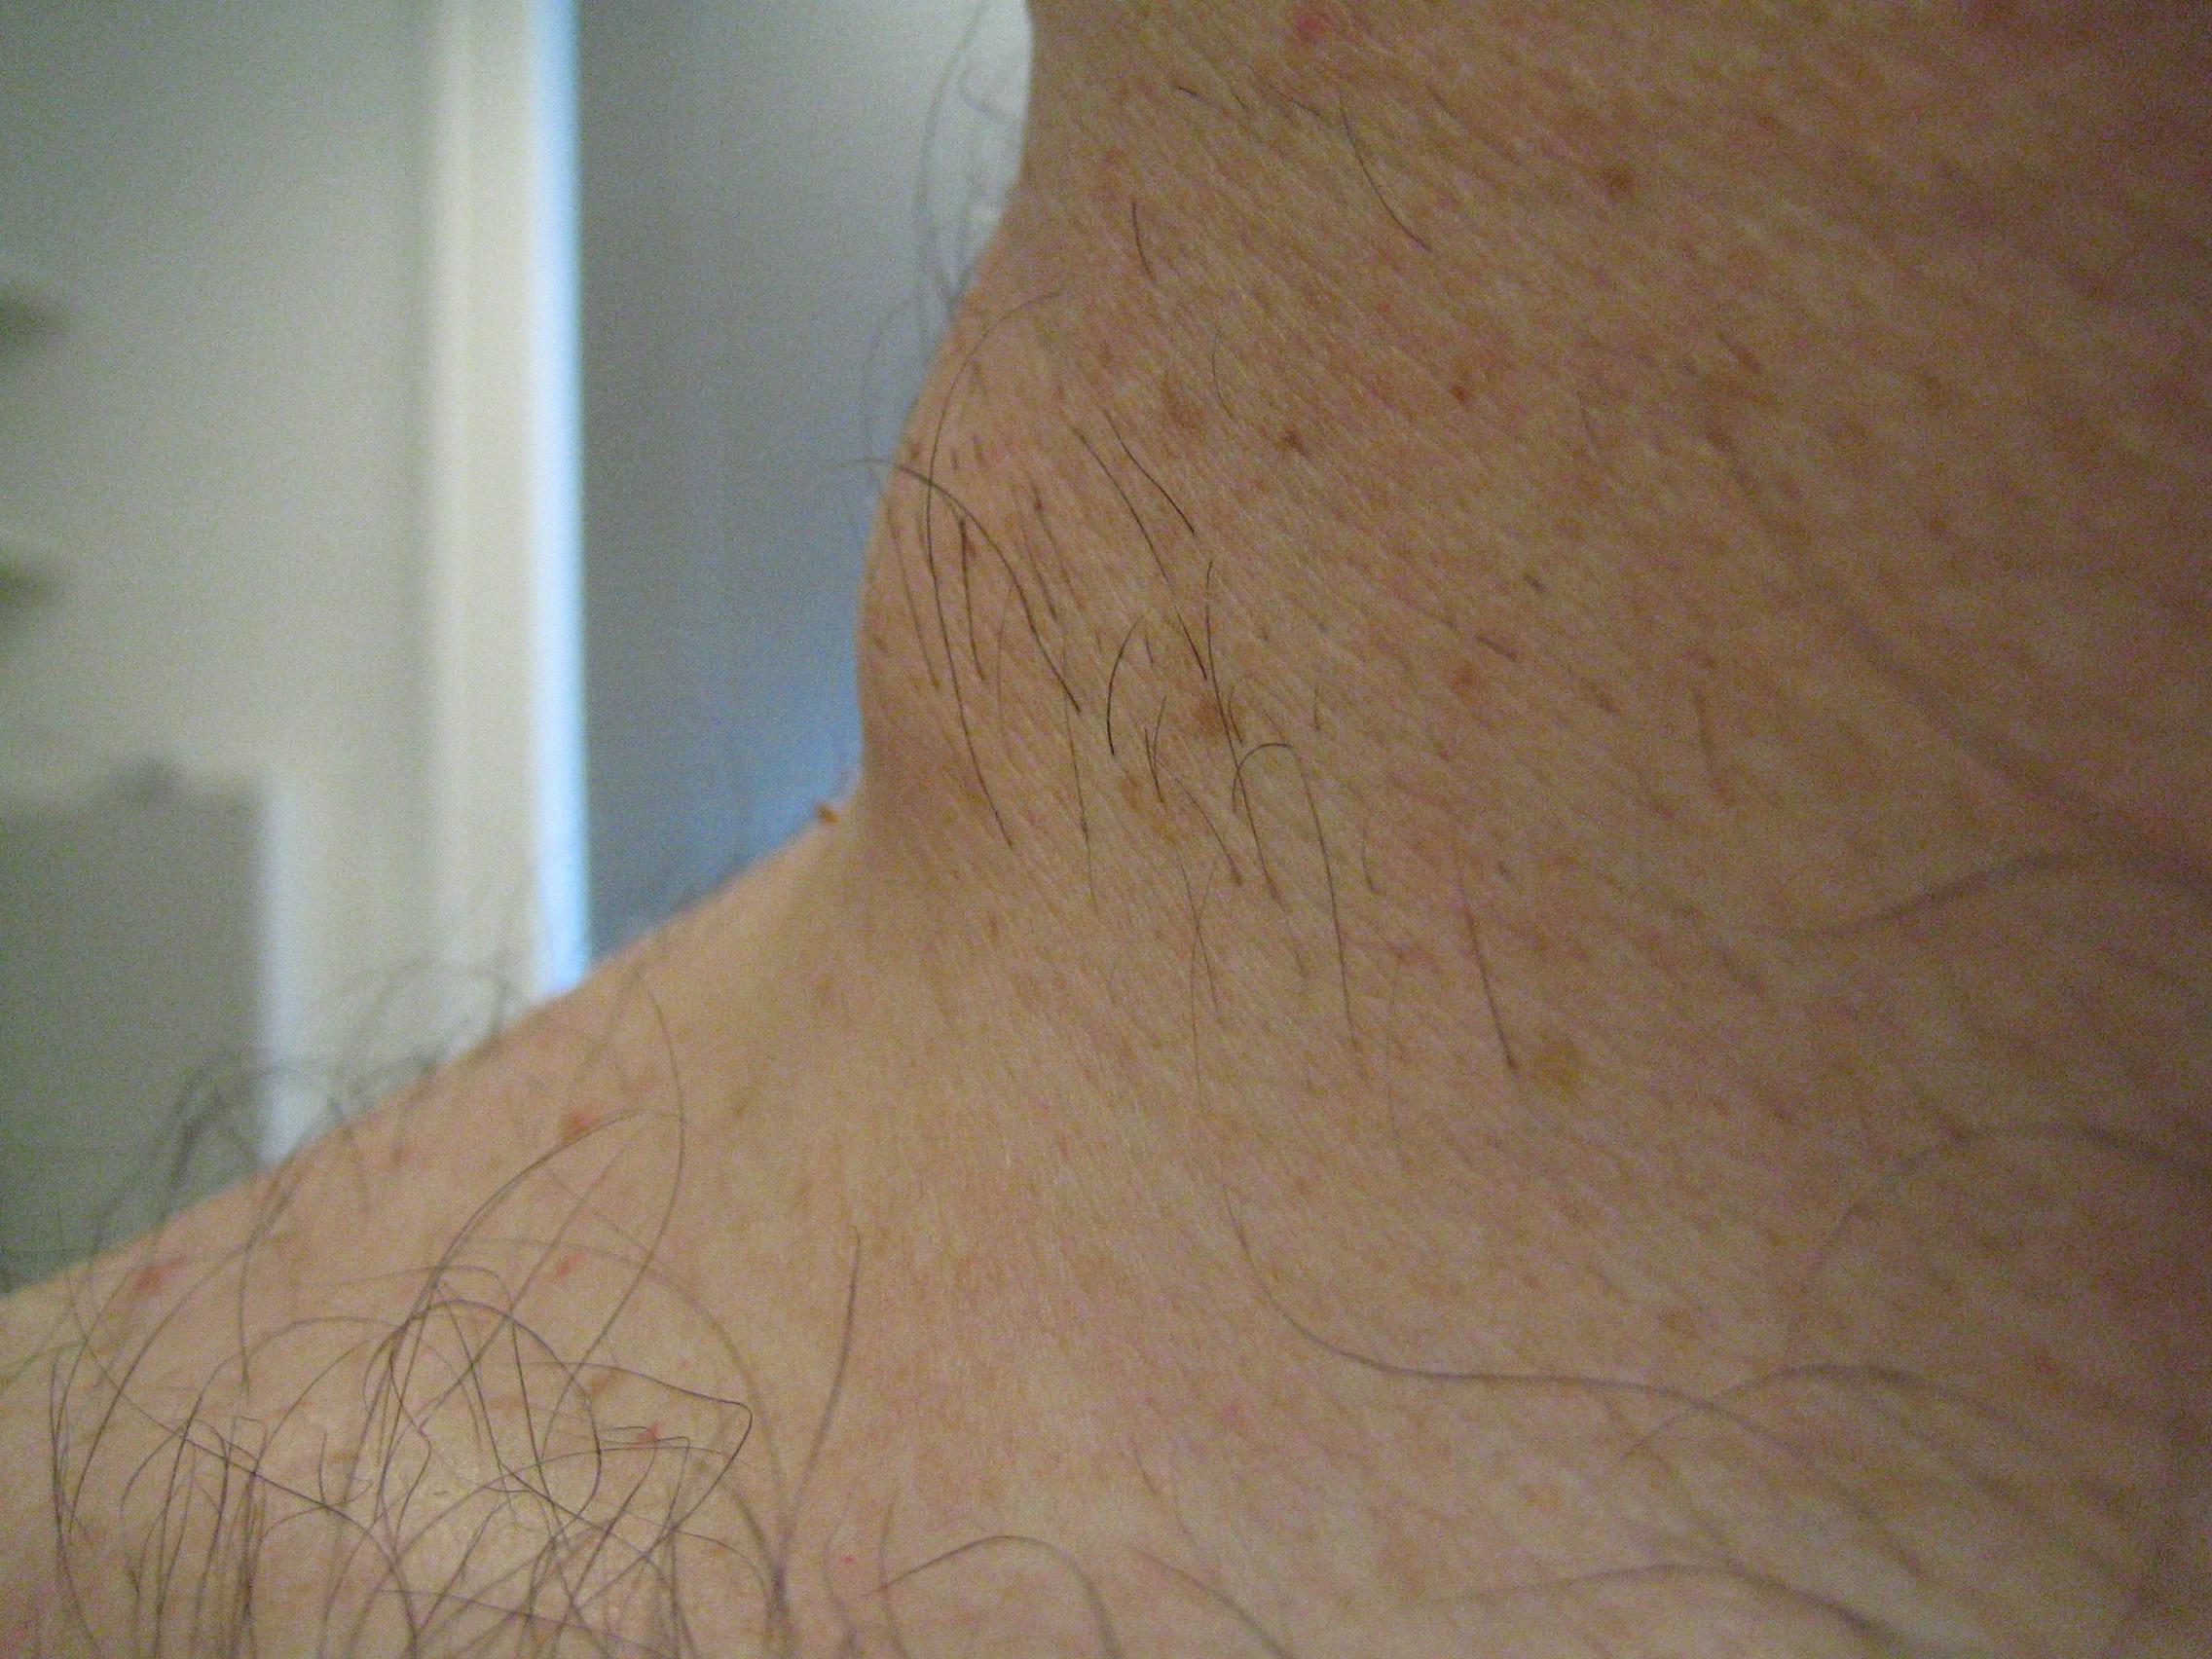 Lymfeklier uitzaaiing bij melanoom